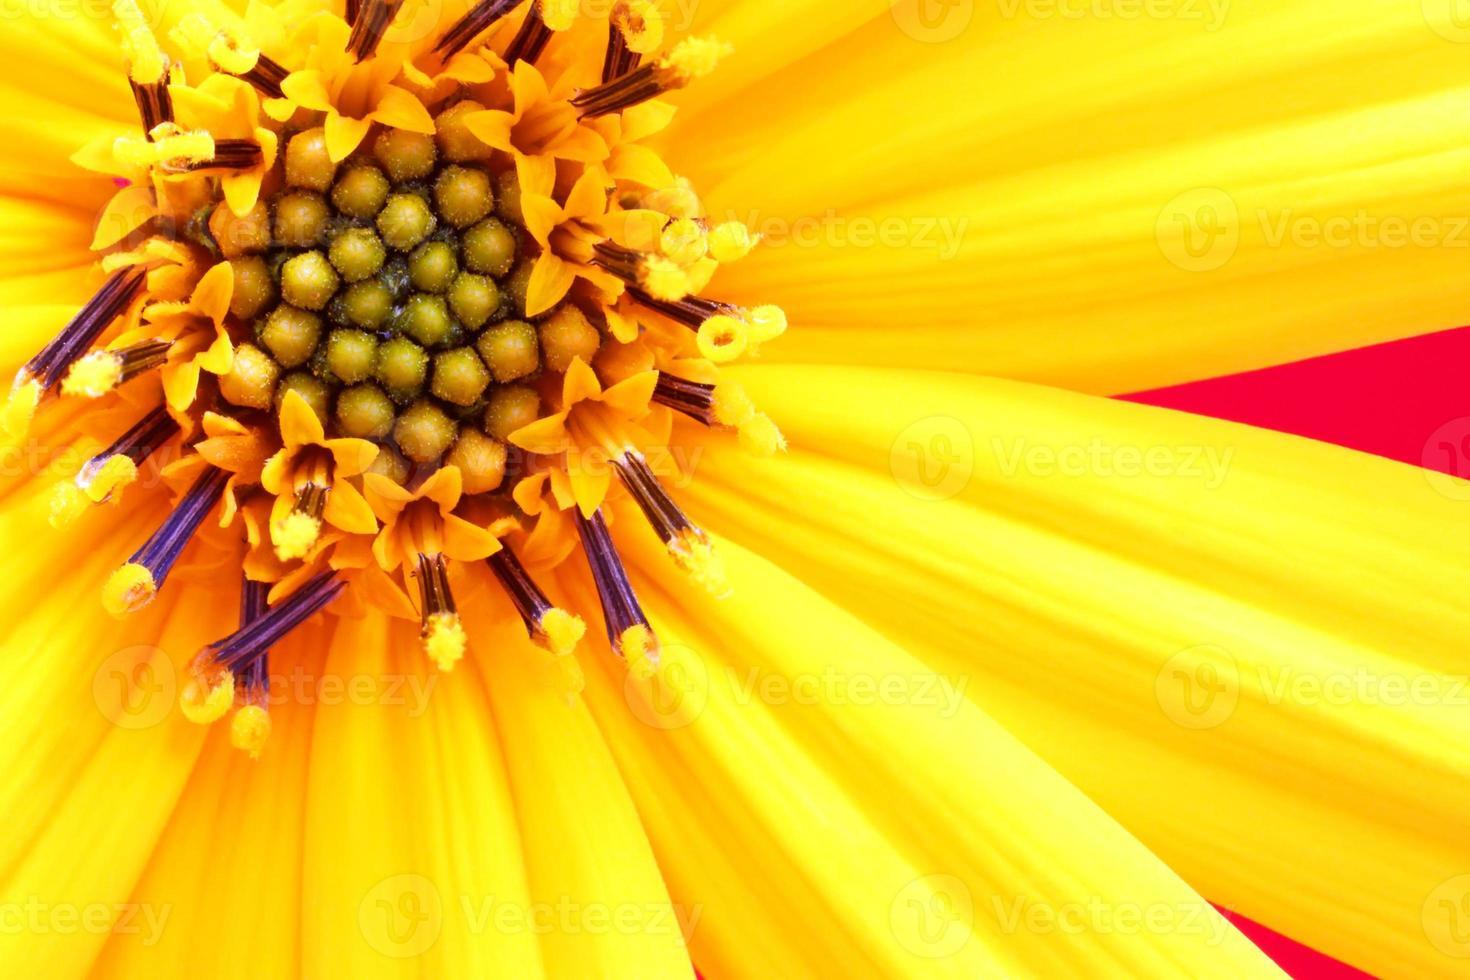 girasol blomma på nära håll foto